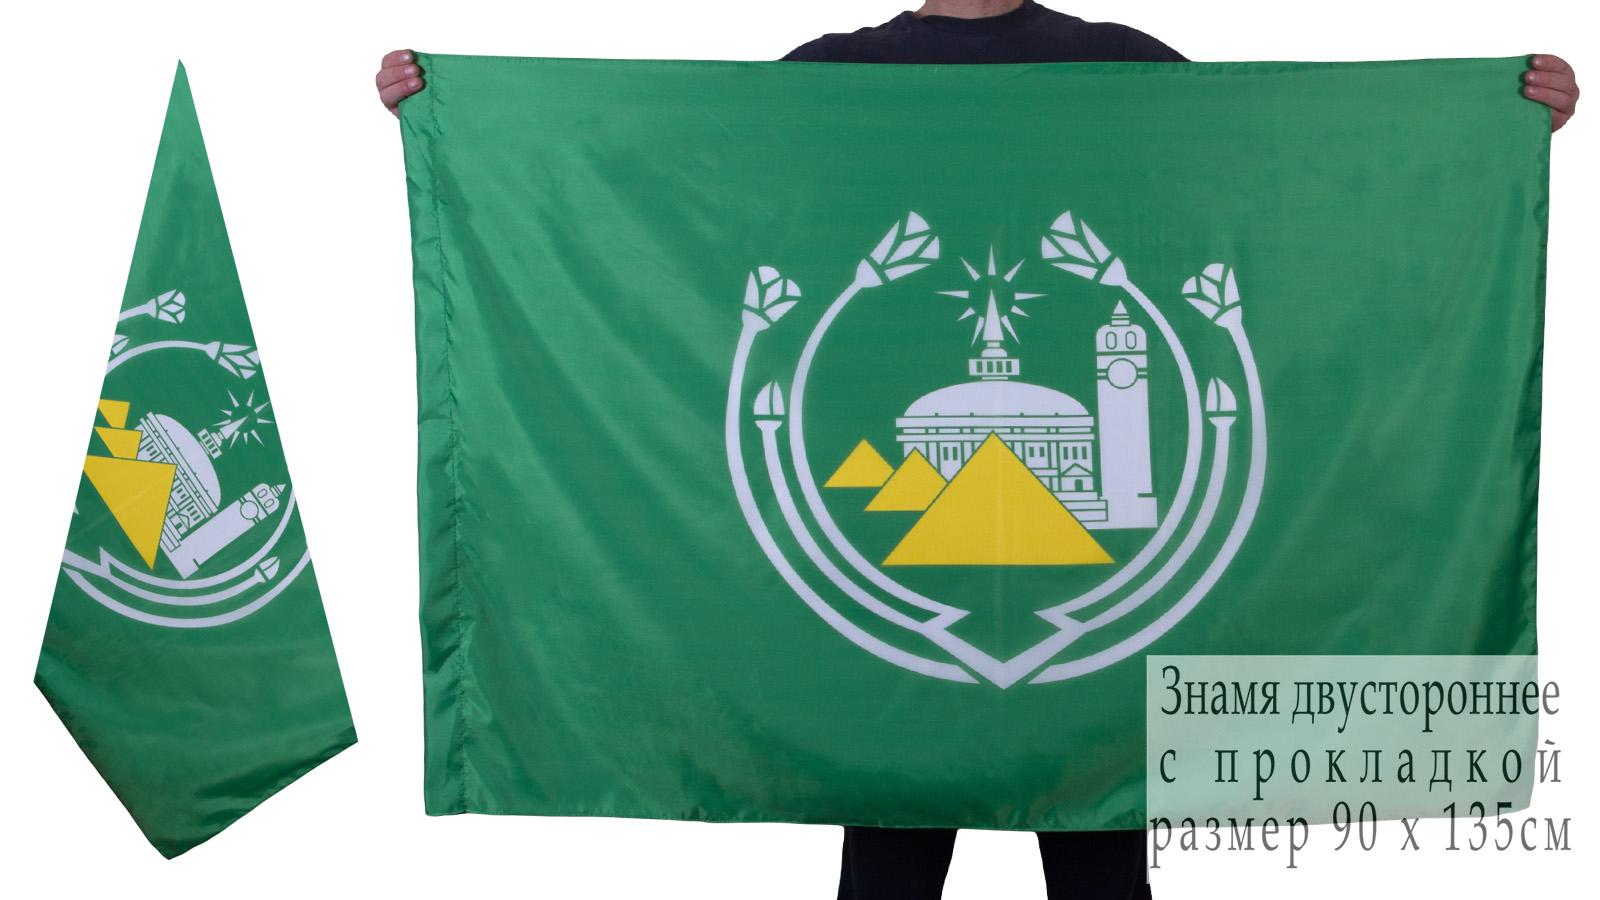 Двухсторонний флаг Гизы